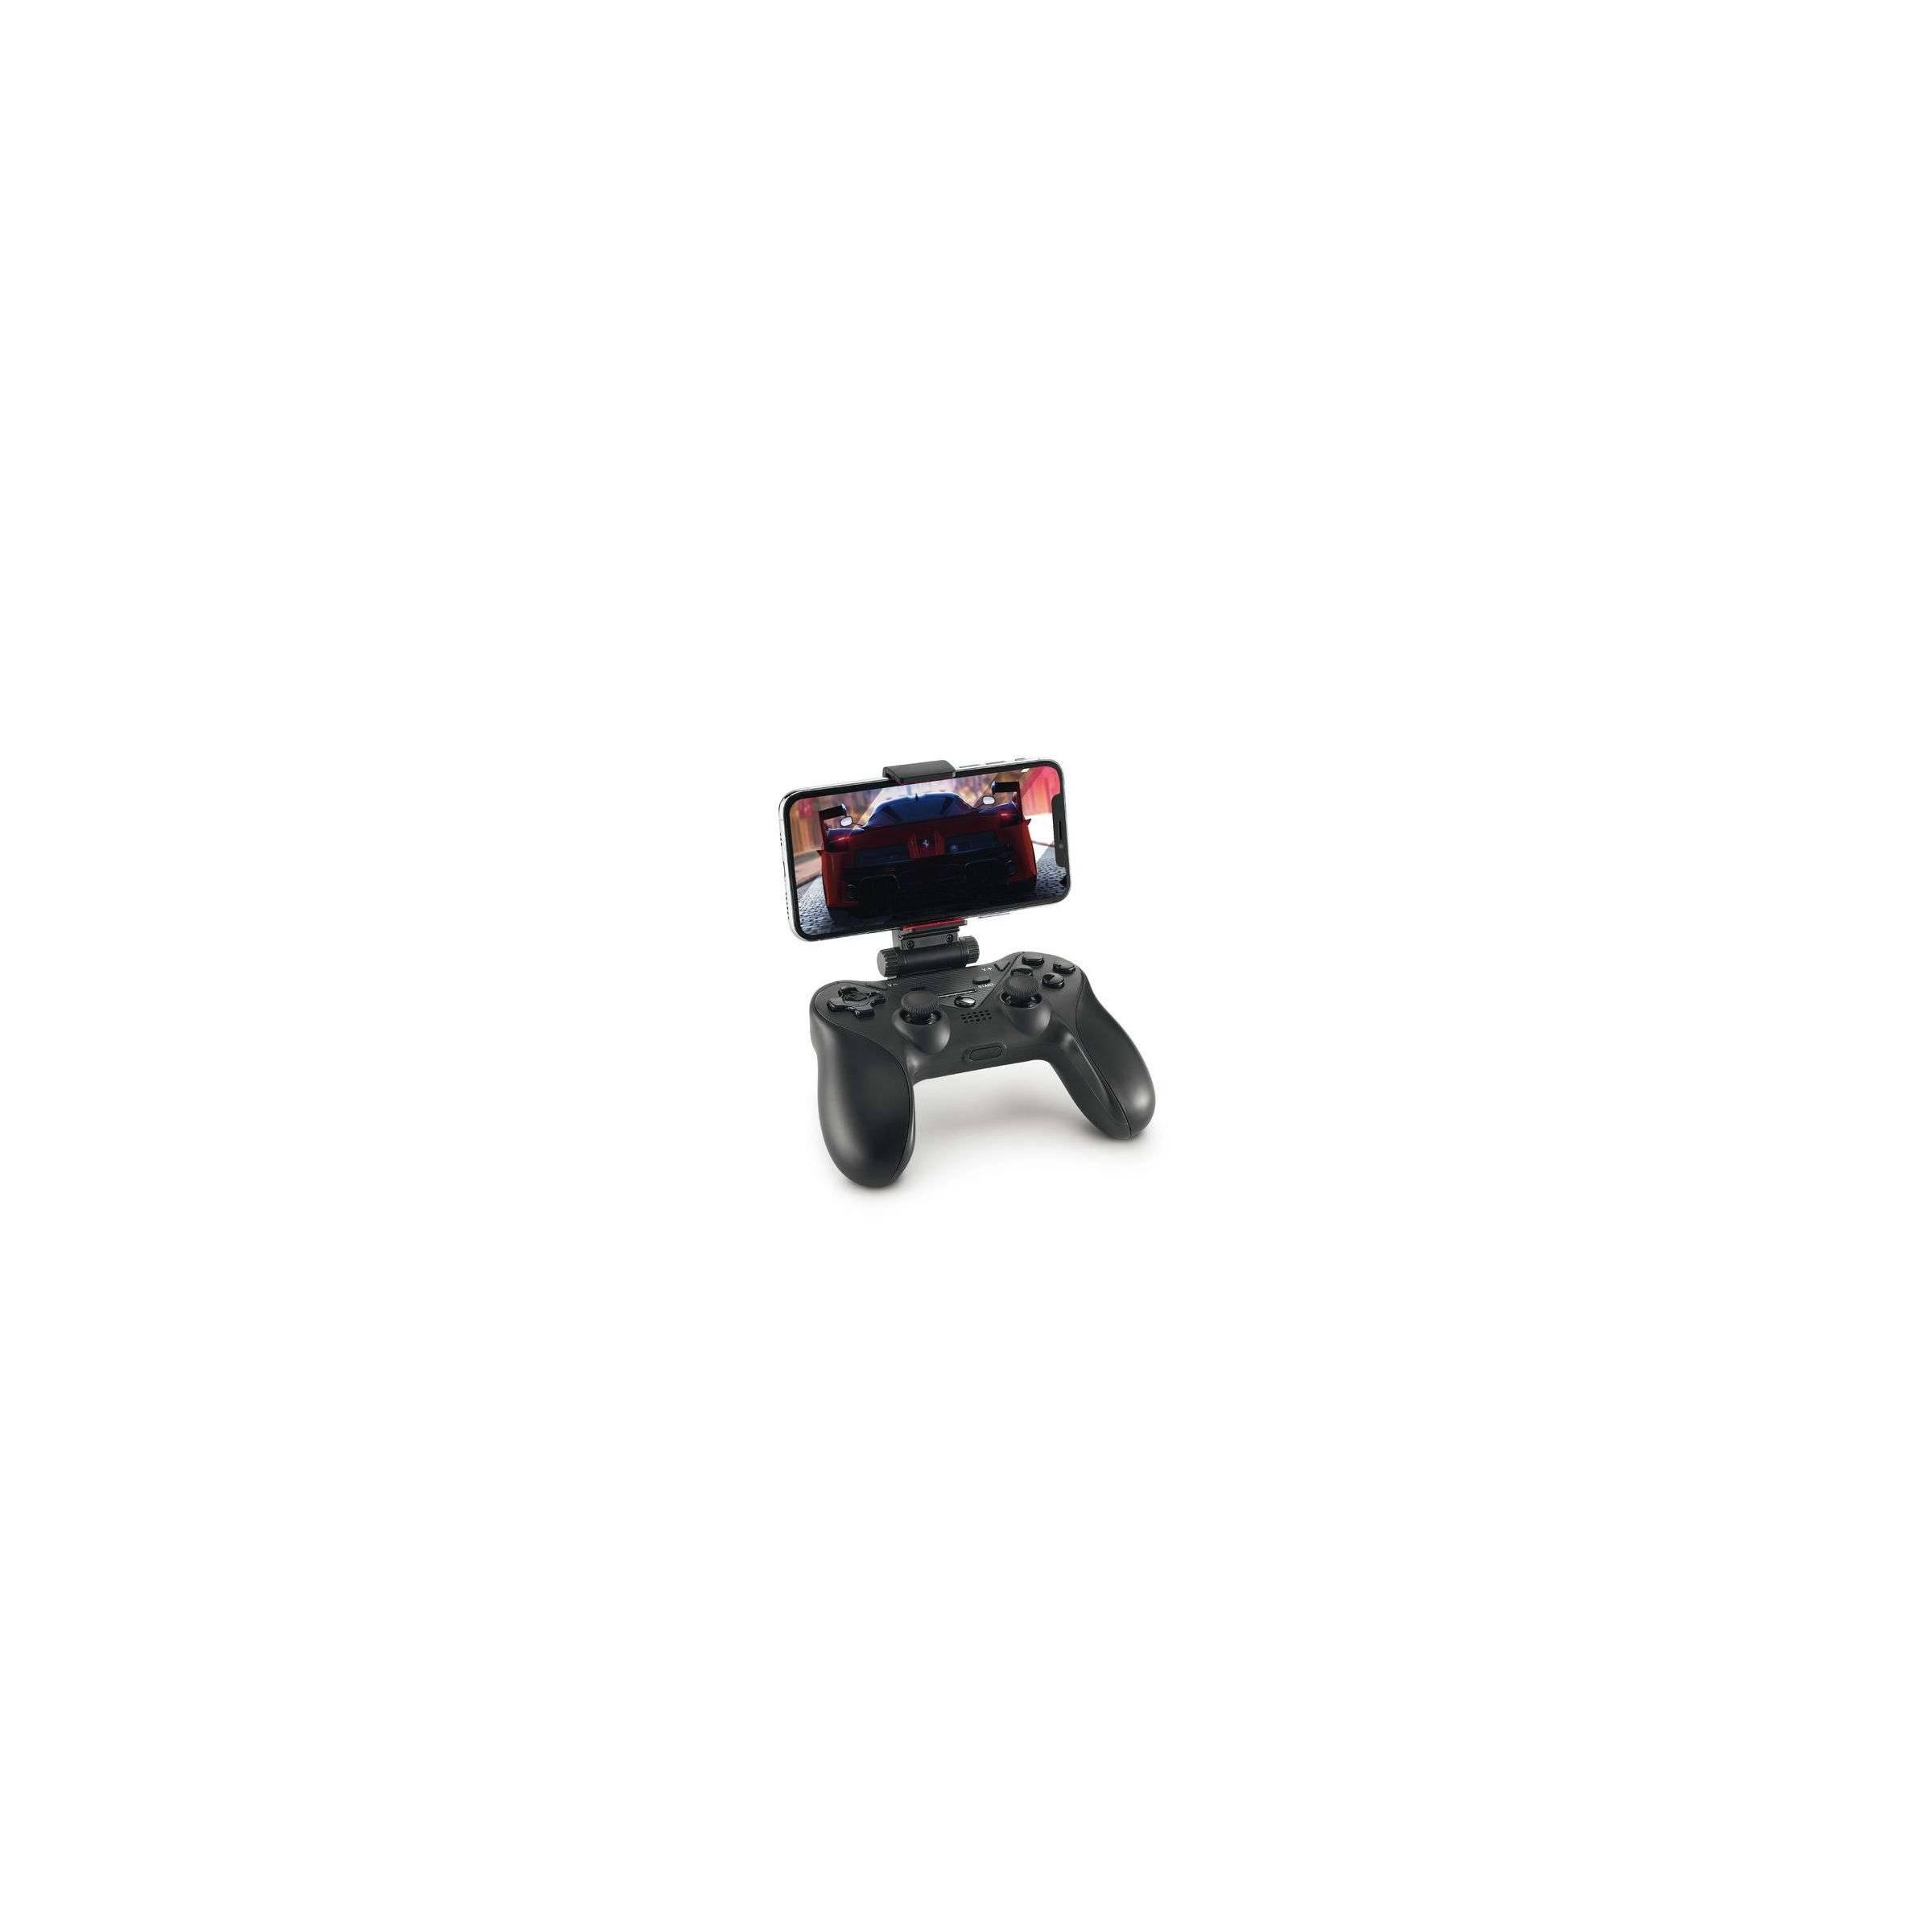 Billede af Aiino HeroPad trådløs spil controller til Apple TV, iPhone og iPad